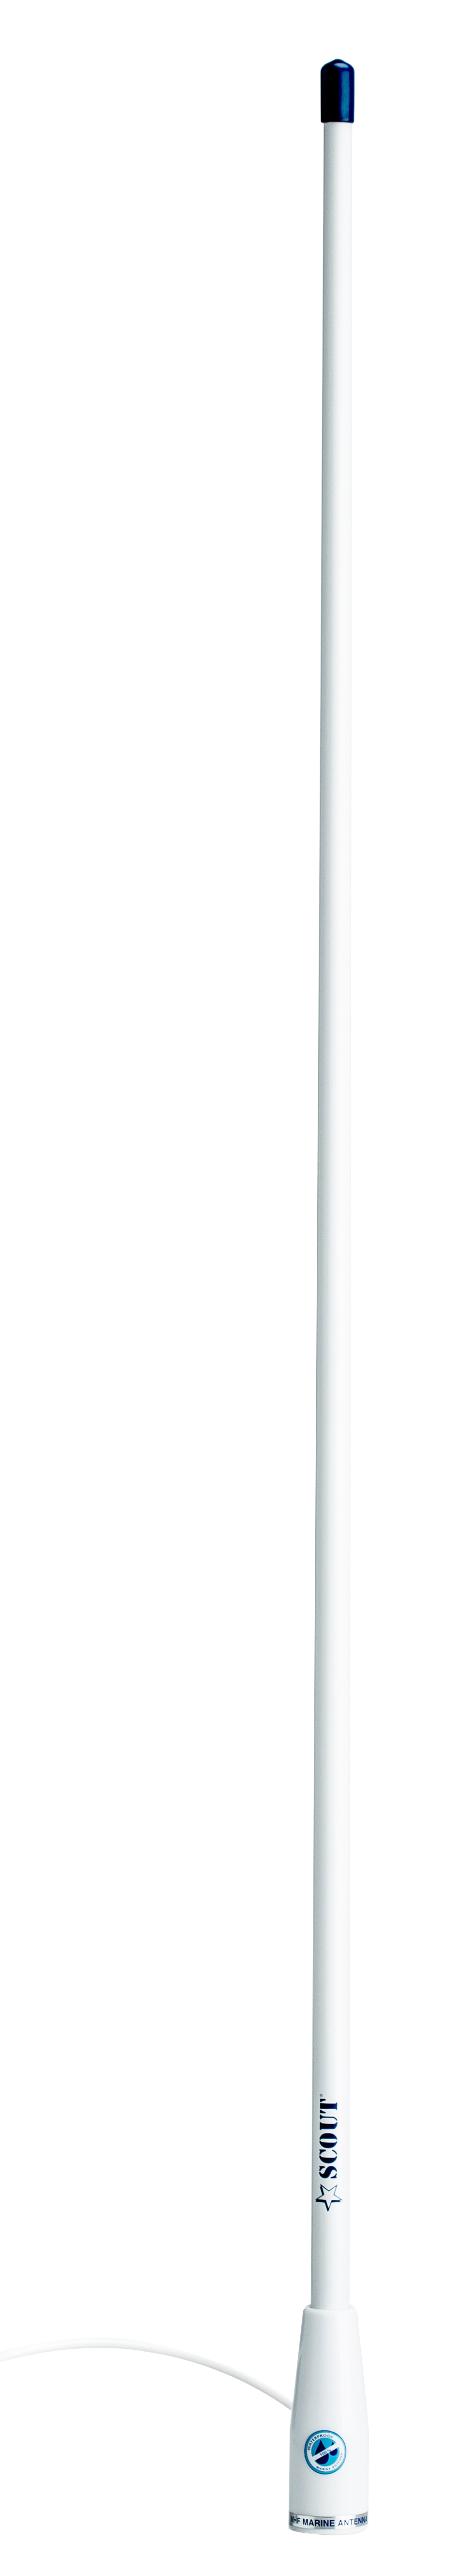 Ais antenn glasfiber 09m vit